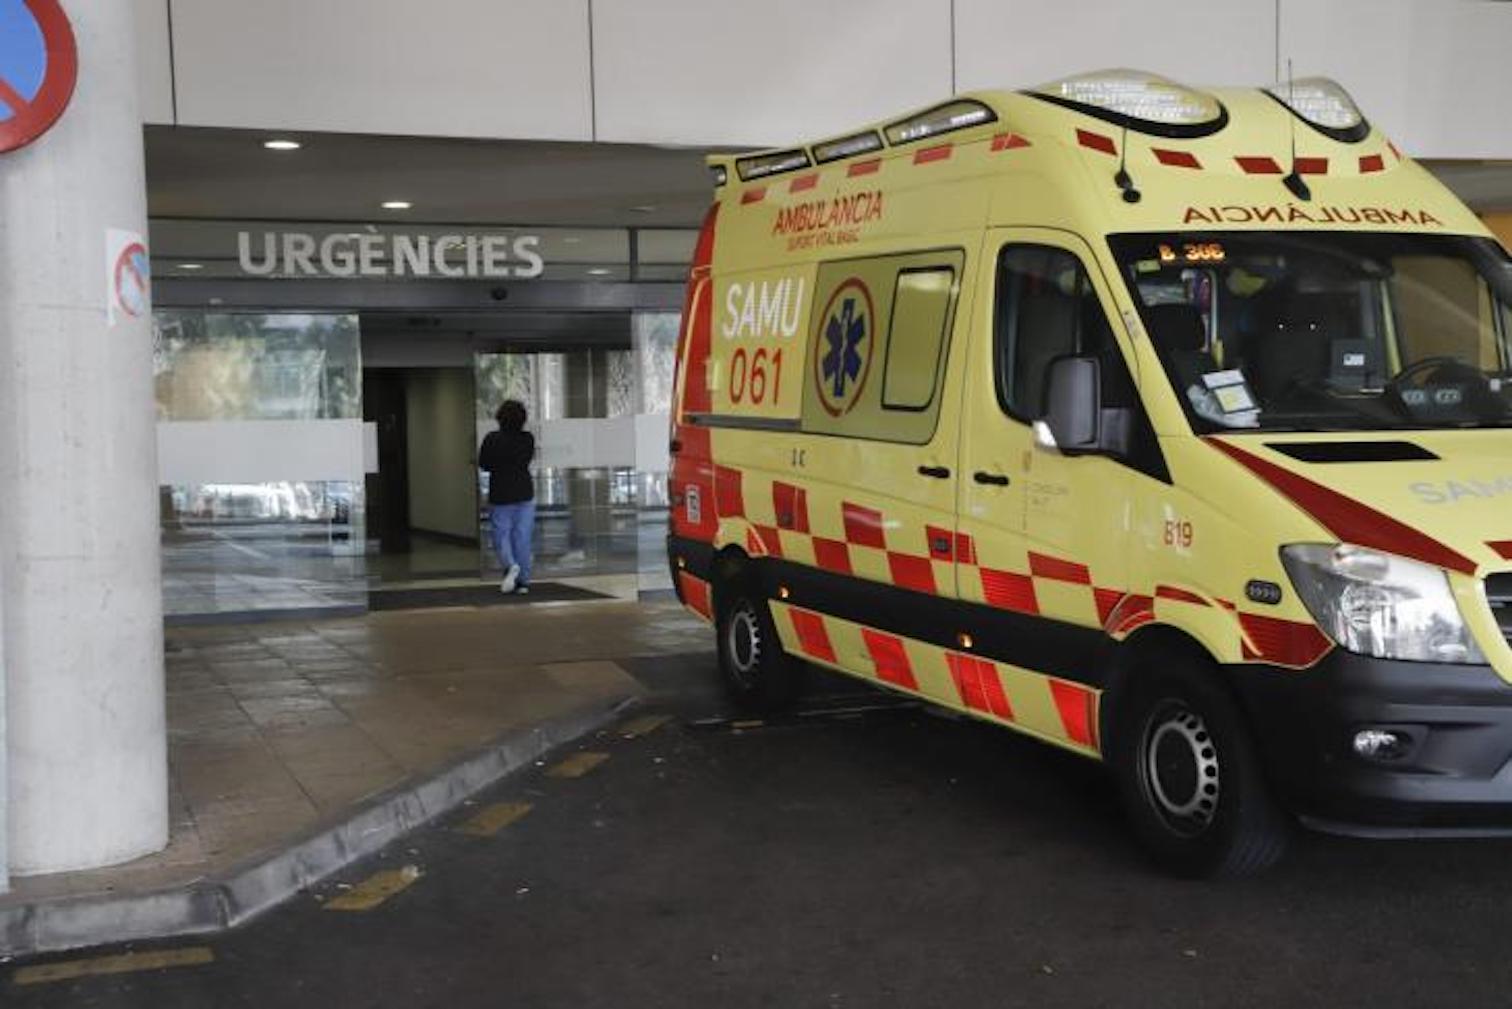 Ambulance at Son Espases Hospital, Palma.